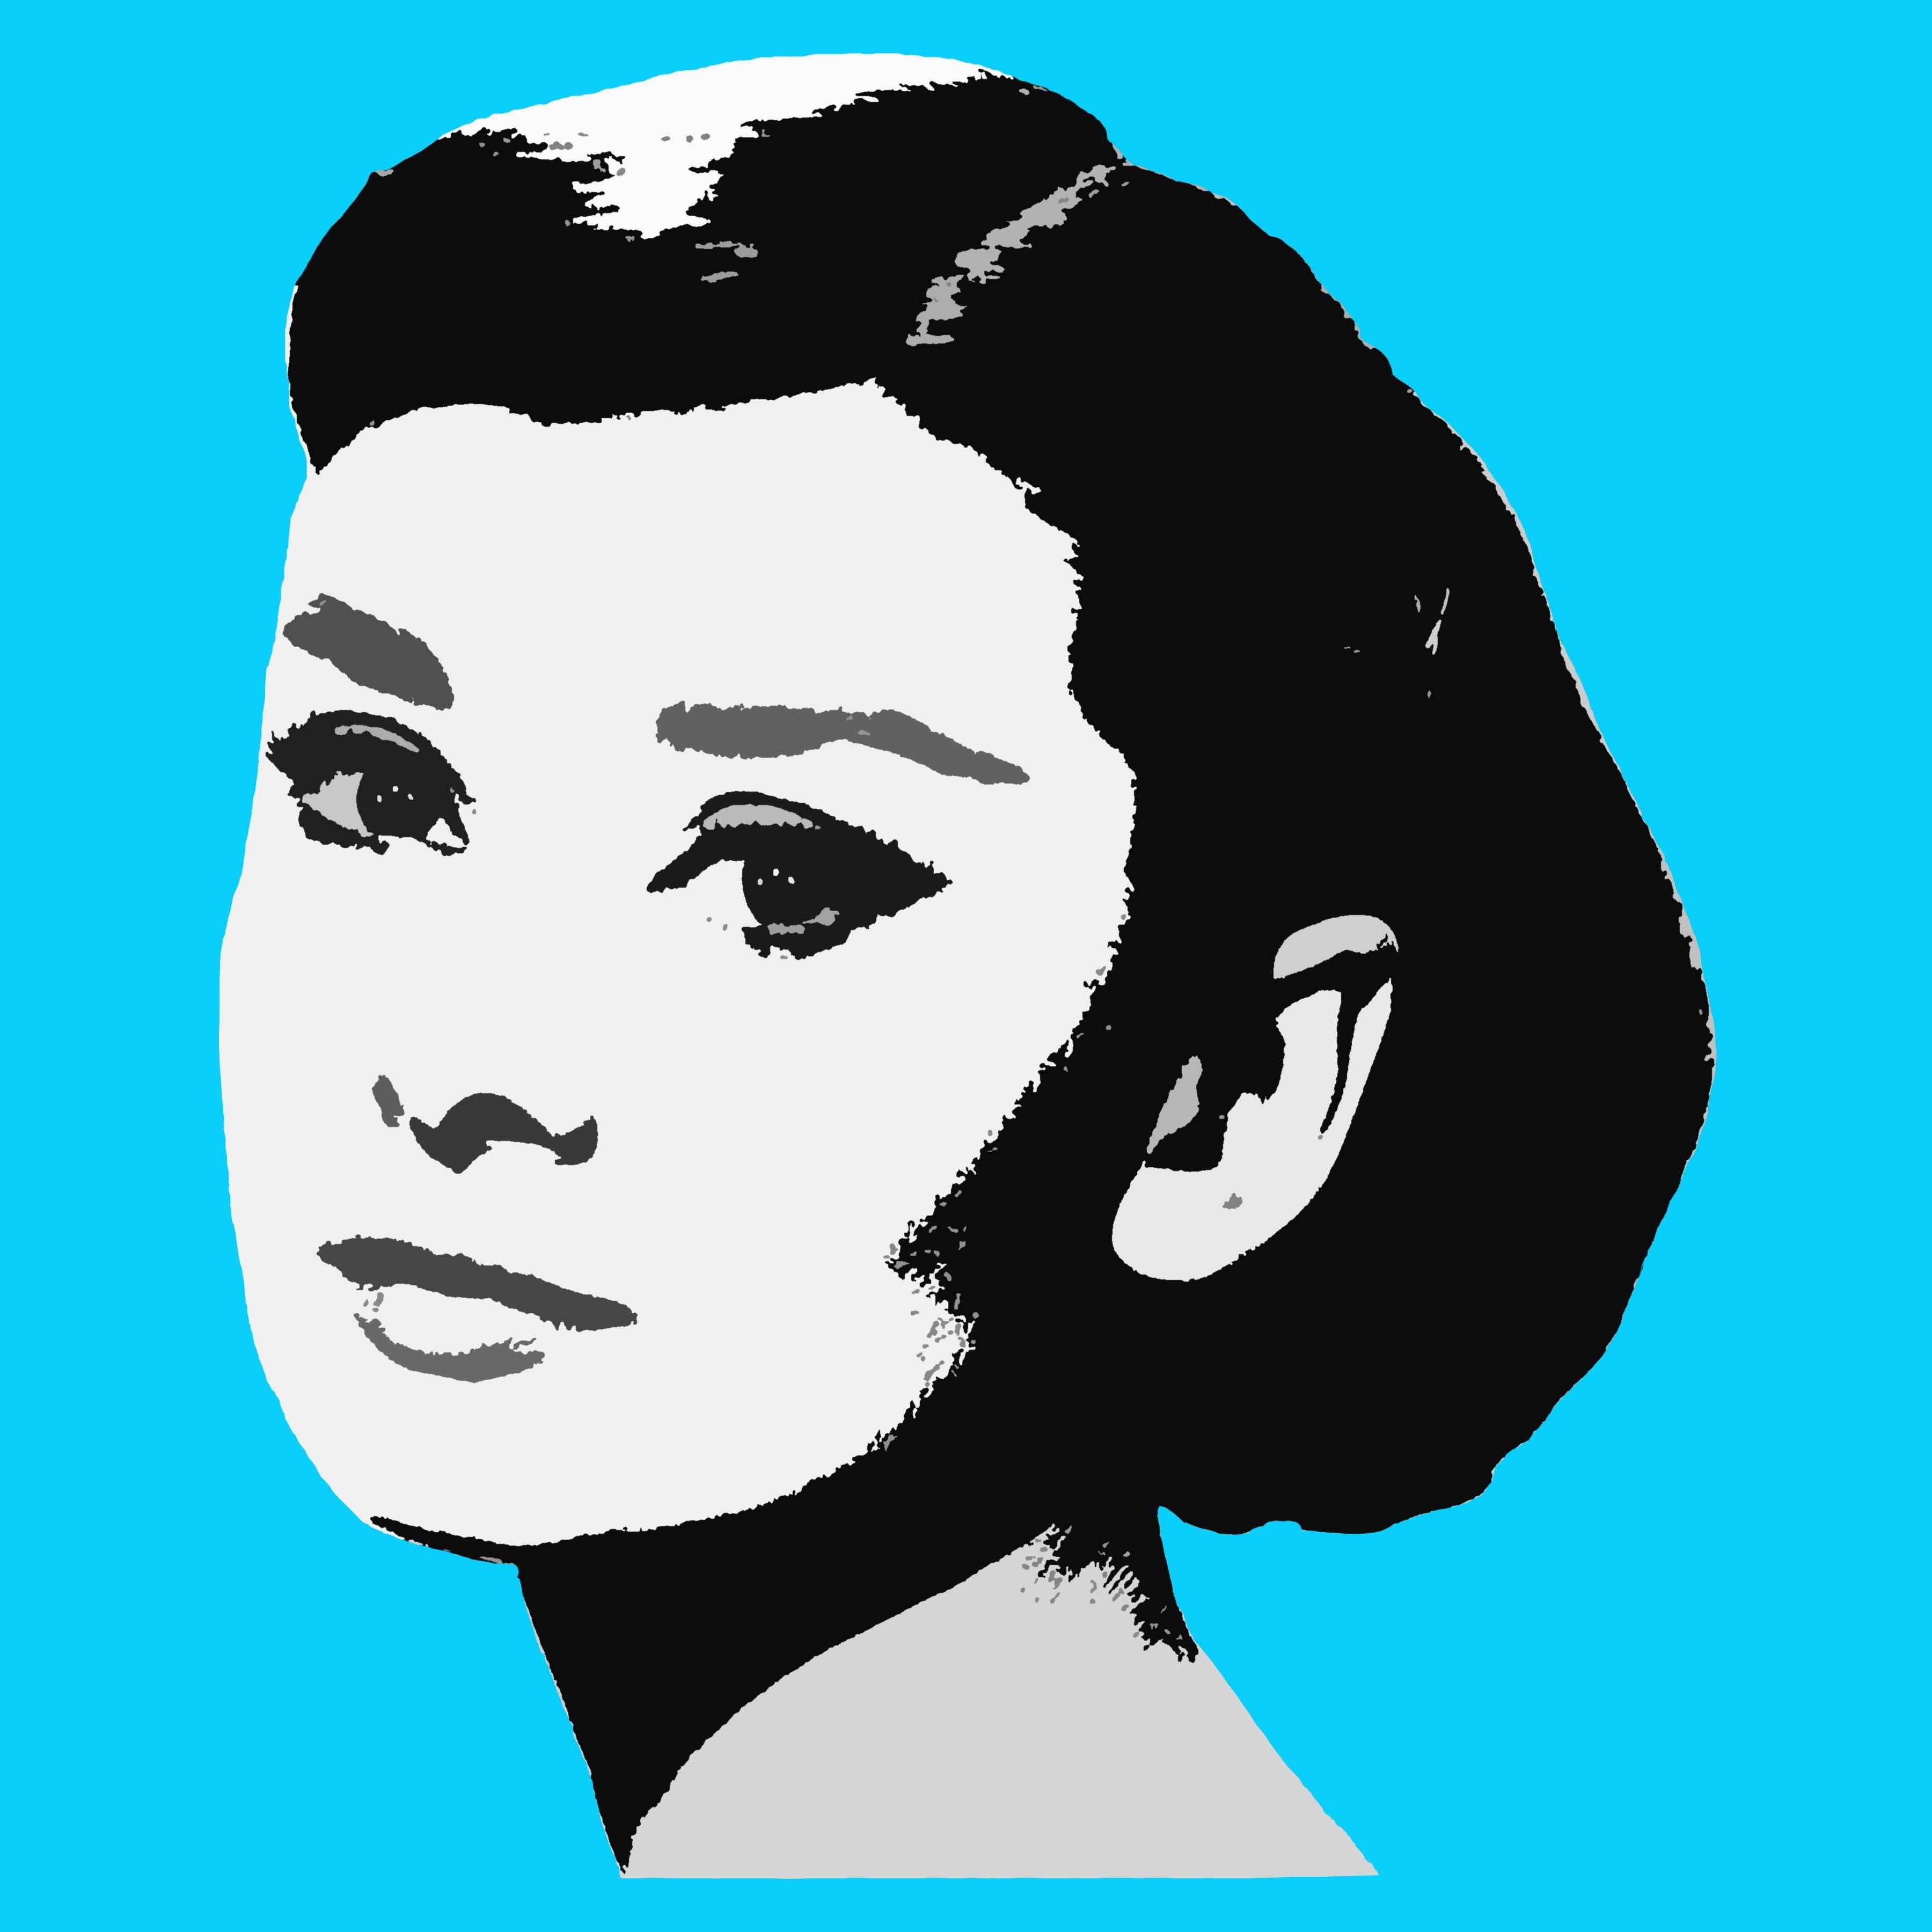 Audrey_Hepburn_Level1